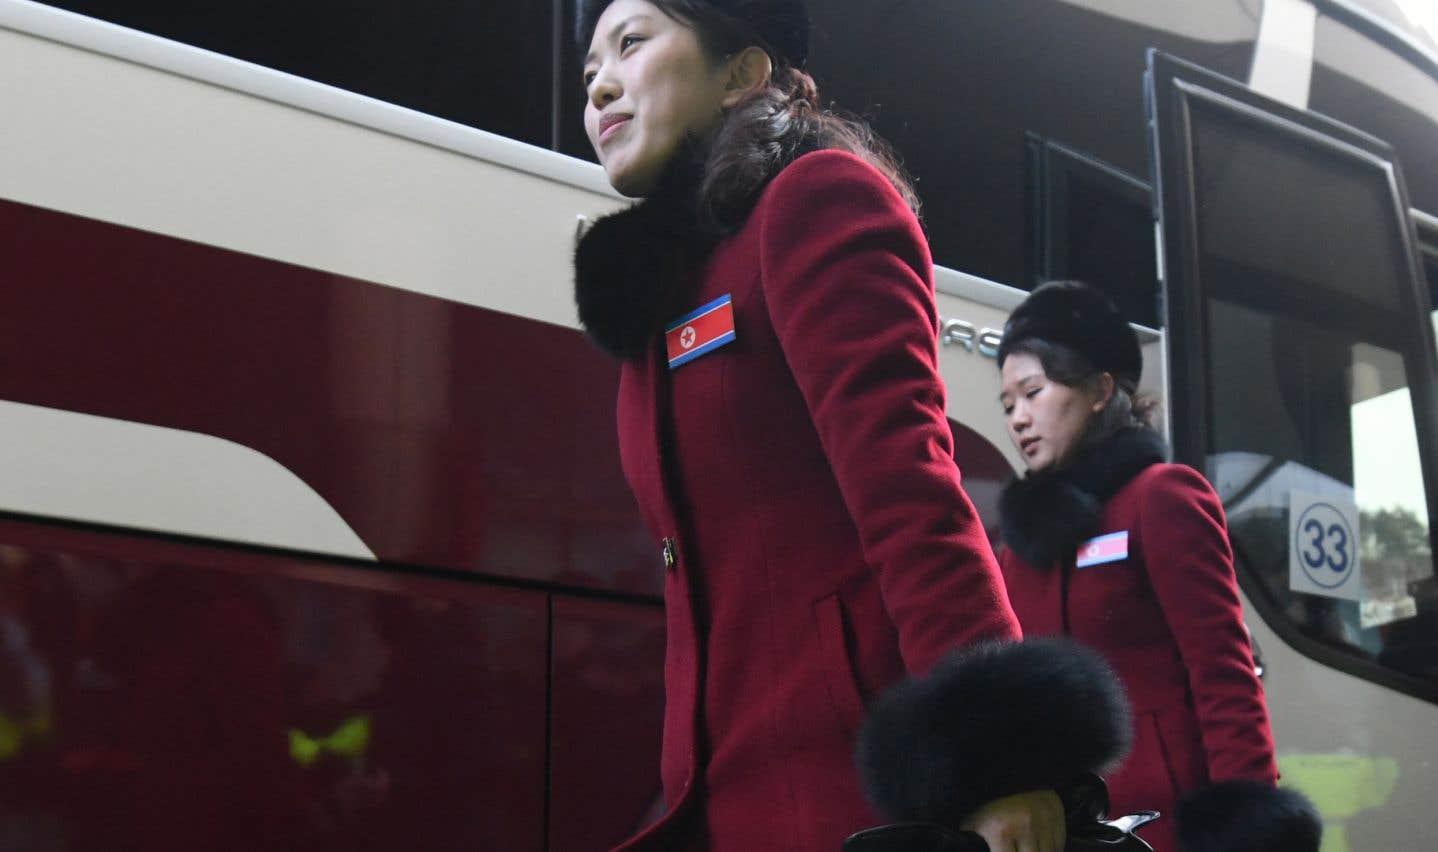 Offensive de charme de la Corée du Nord